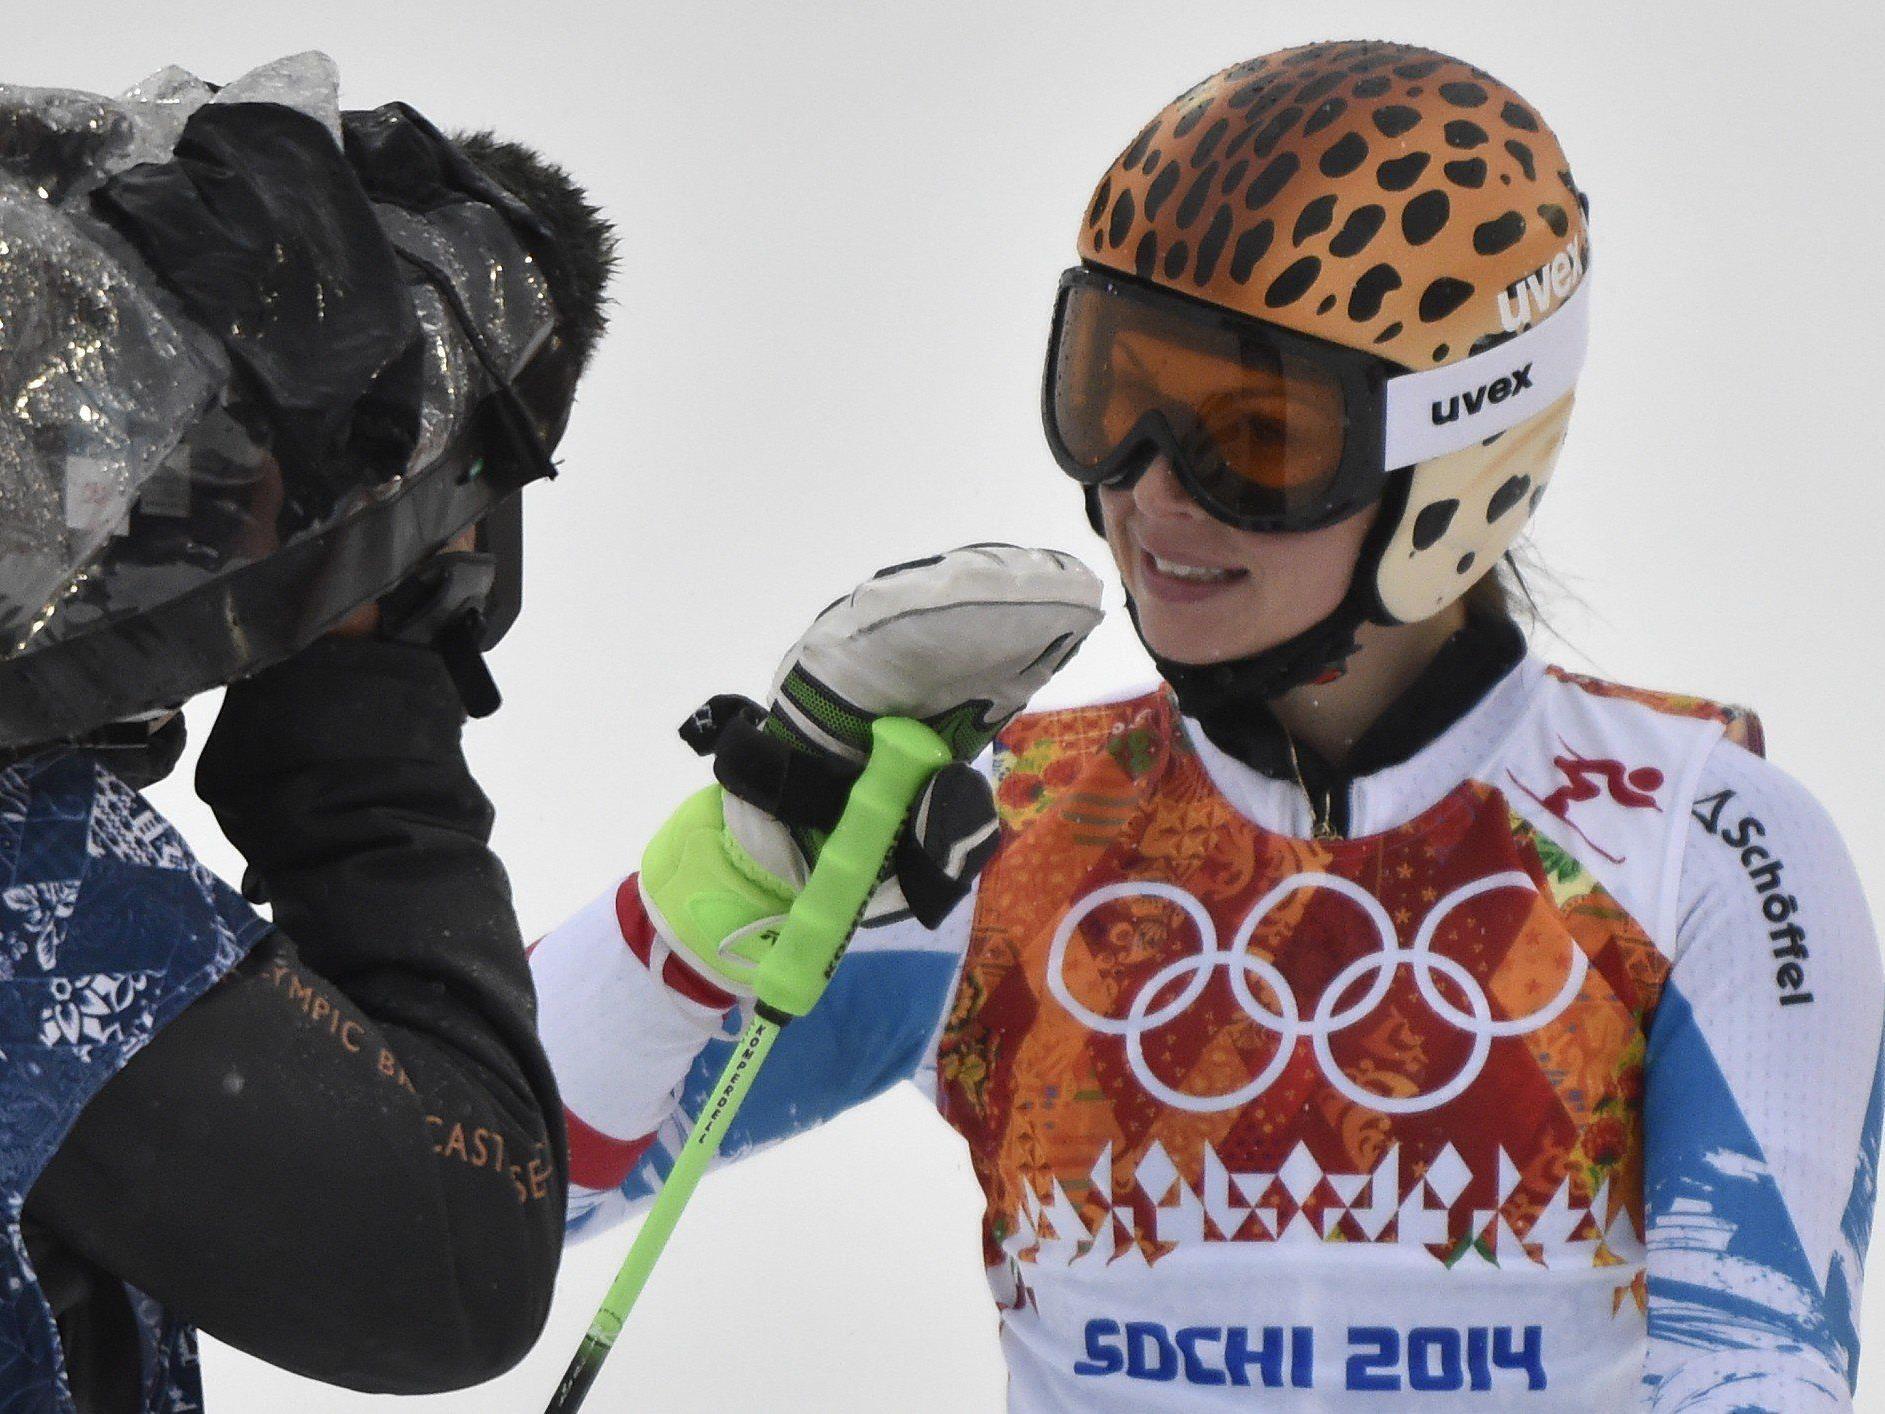 Für Fenninger war es die zweite Medaille bei den Winterspielen in Russland nach Gold im Super-G.